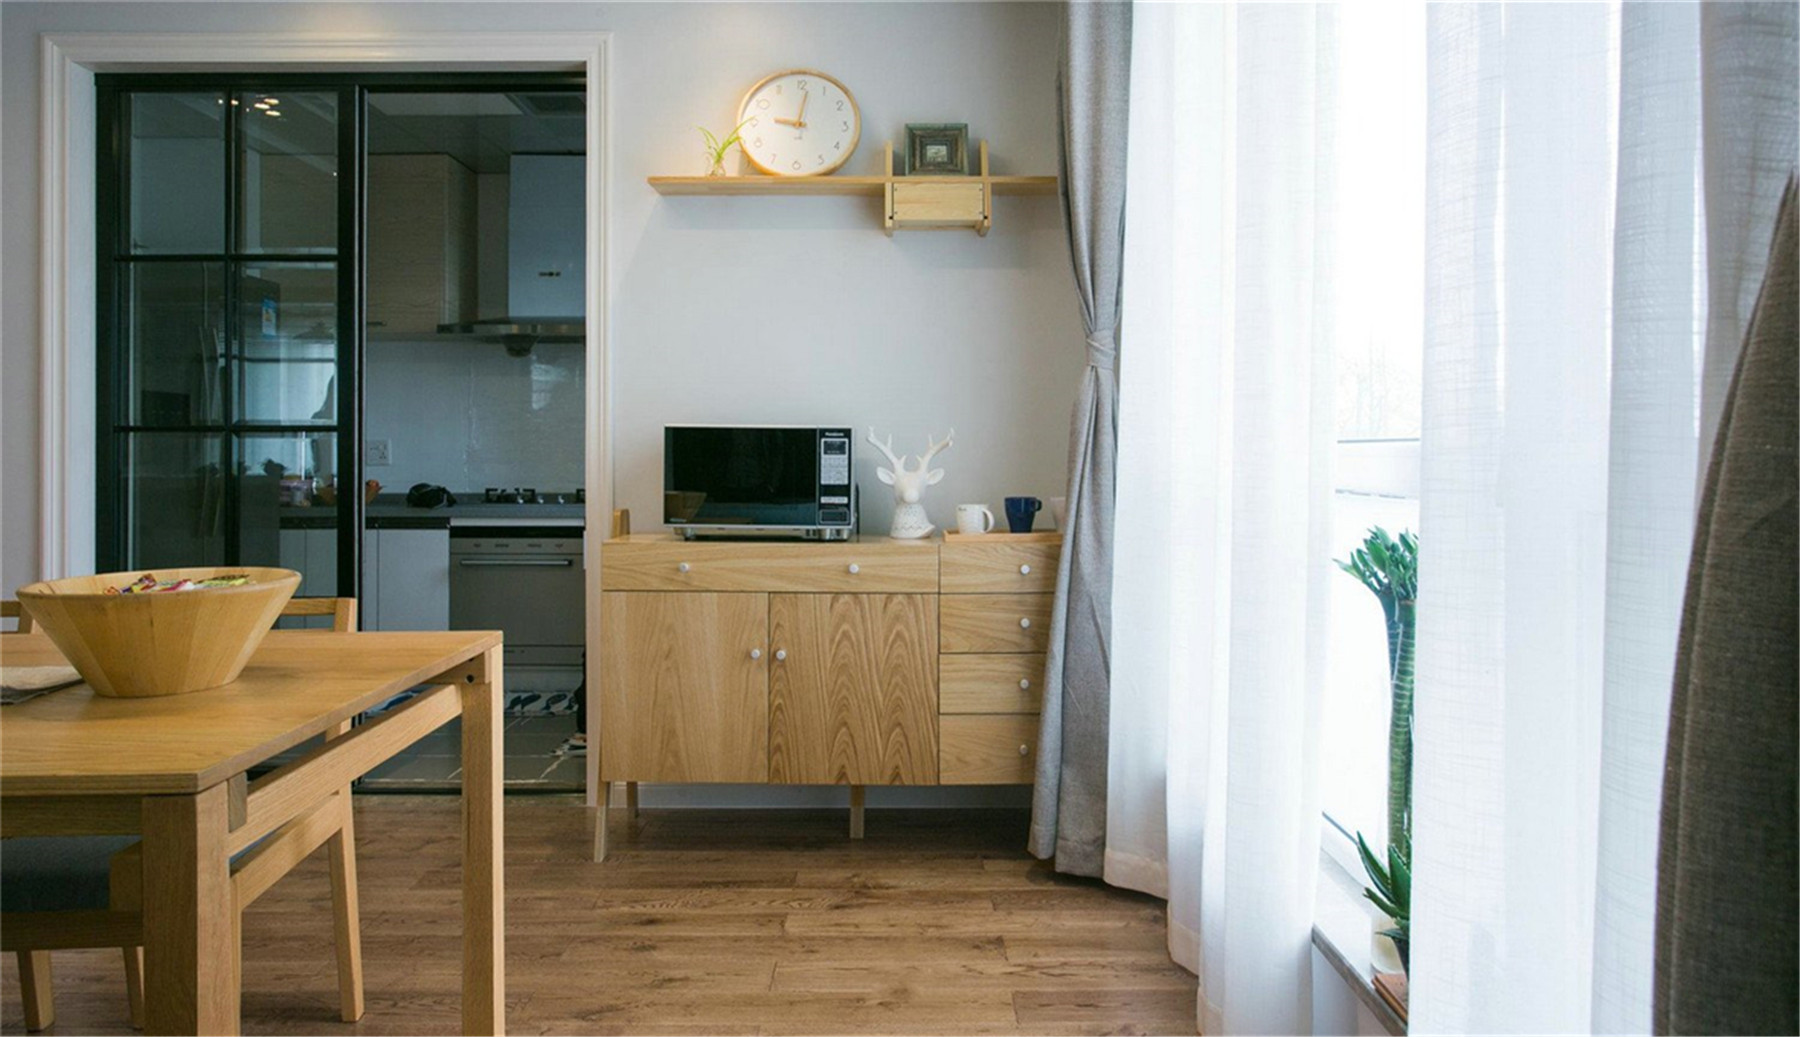 原木现代风格装修餐边柜设计图